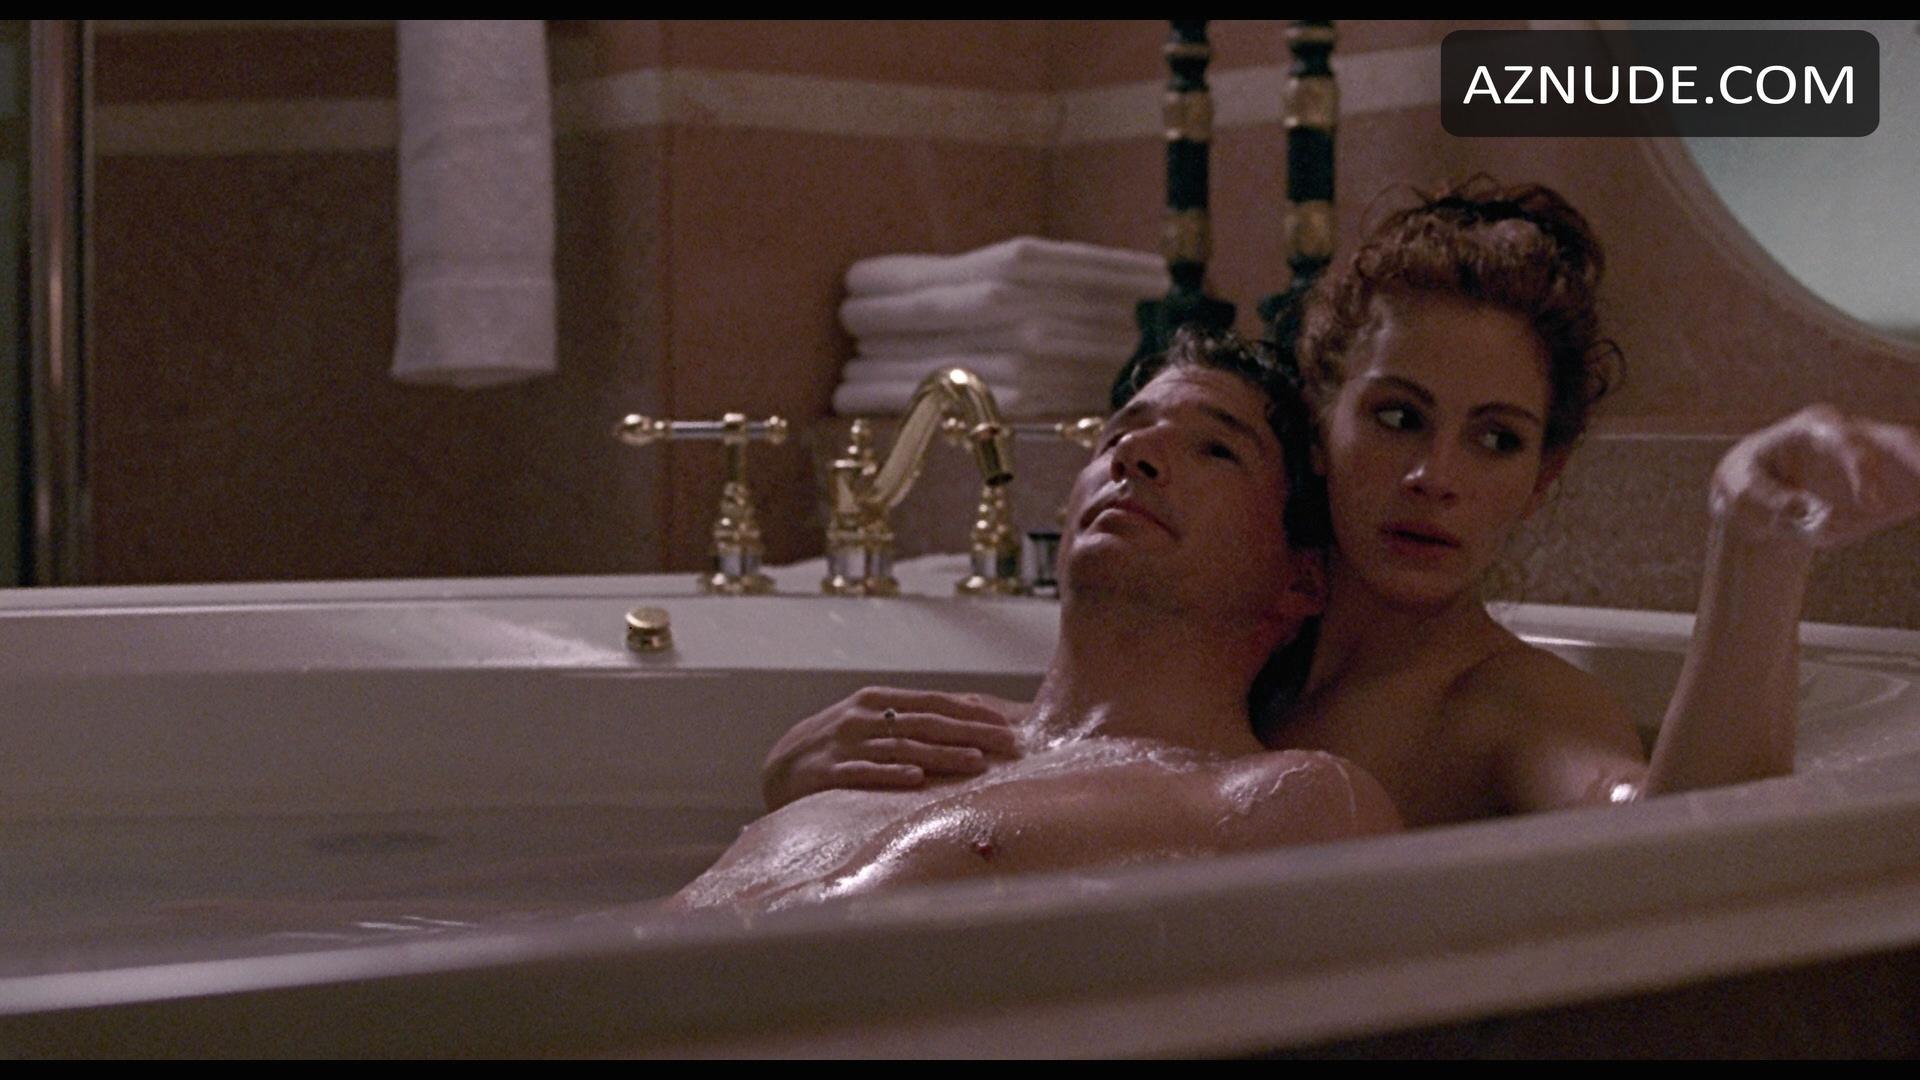 Pretty Woman Nude Scenes - Aznude Men-2959